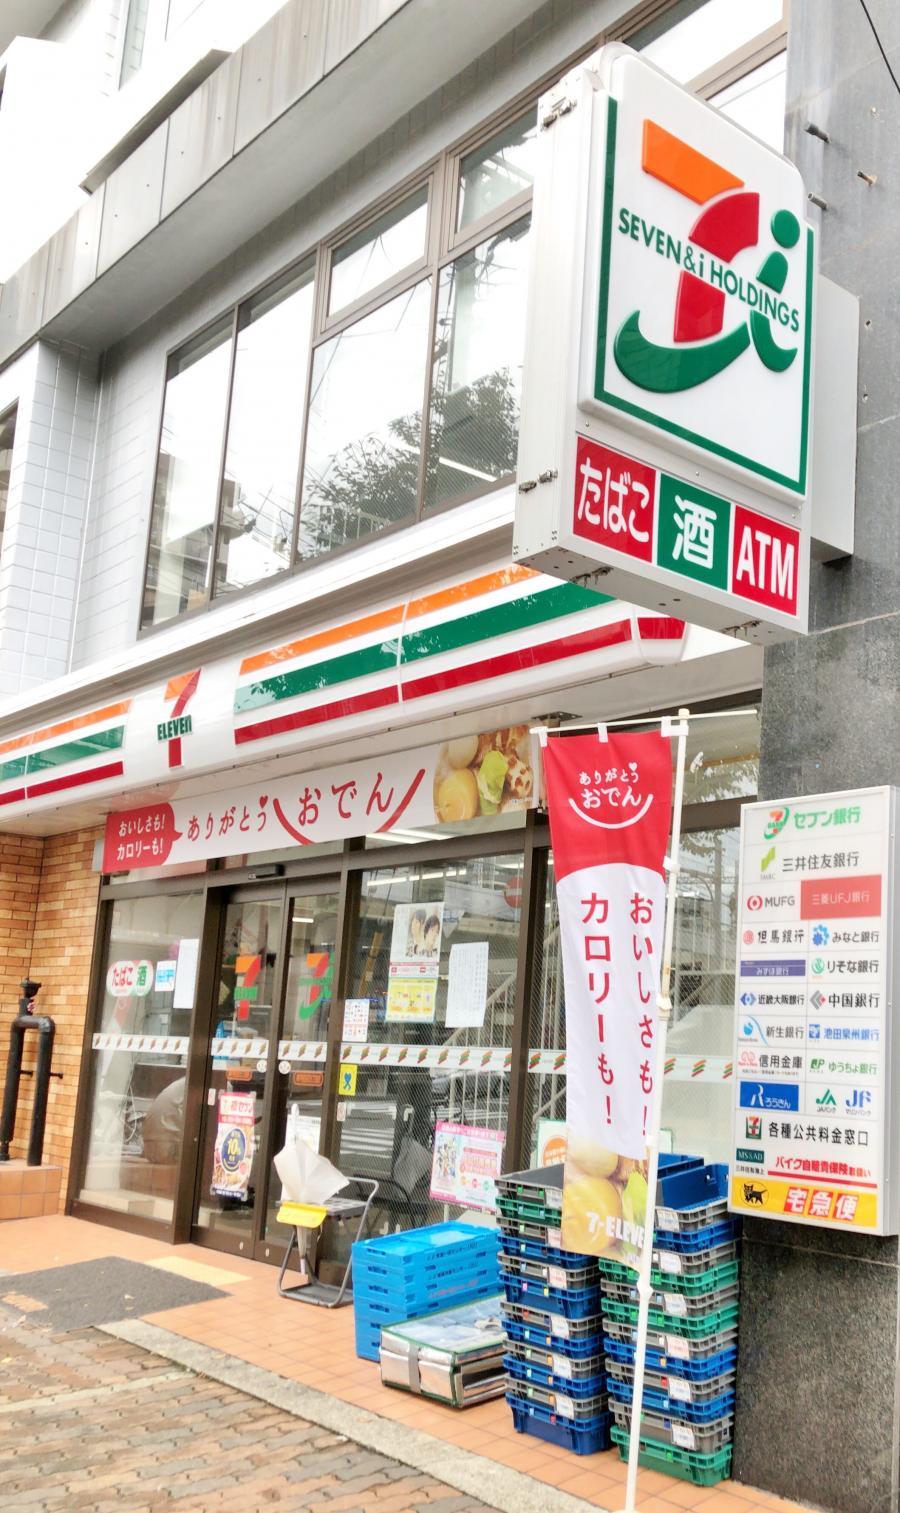 セブンイレブン 神戸相生町5丁目店_施設外観